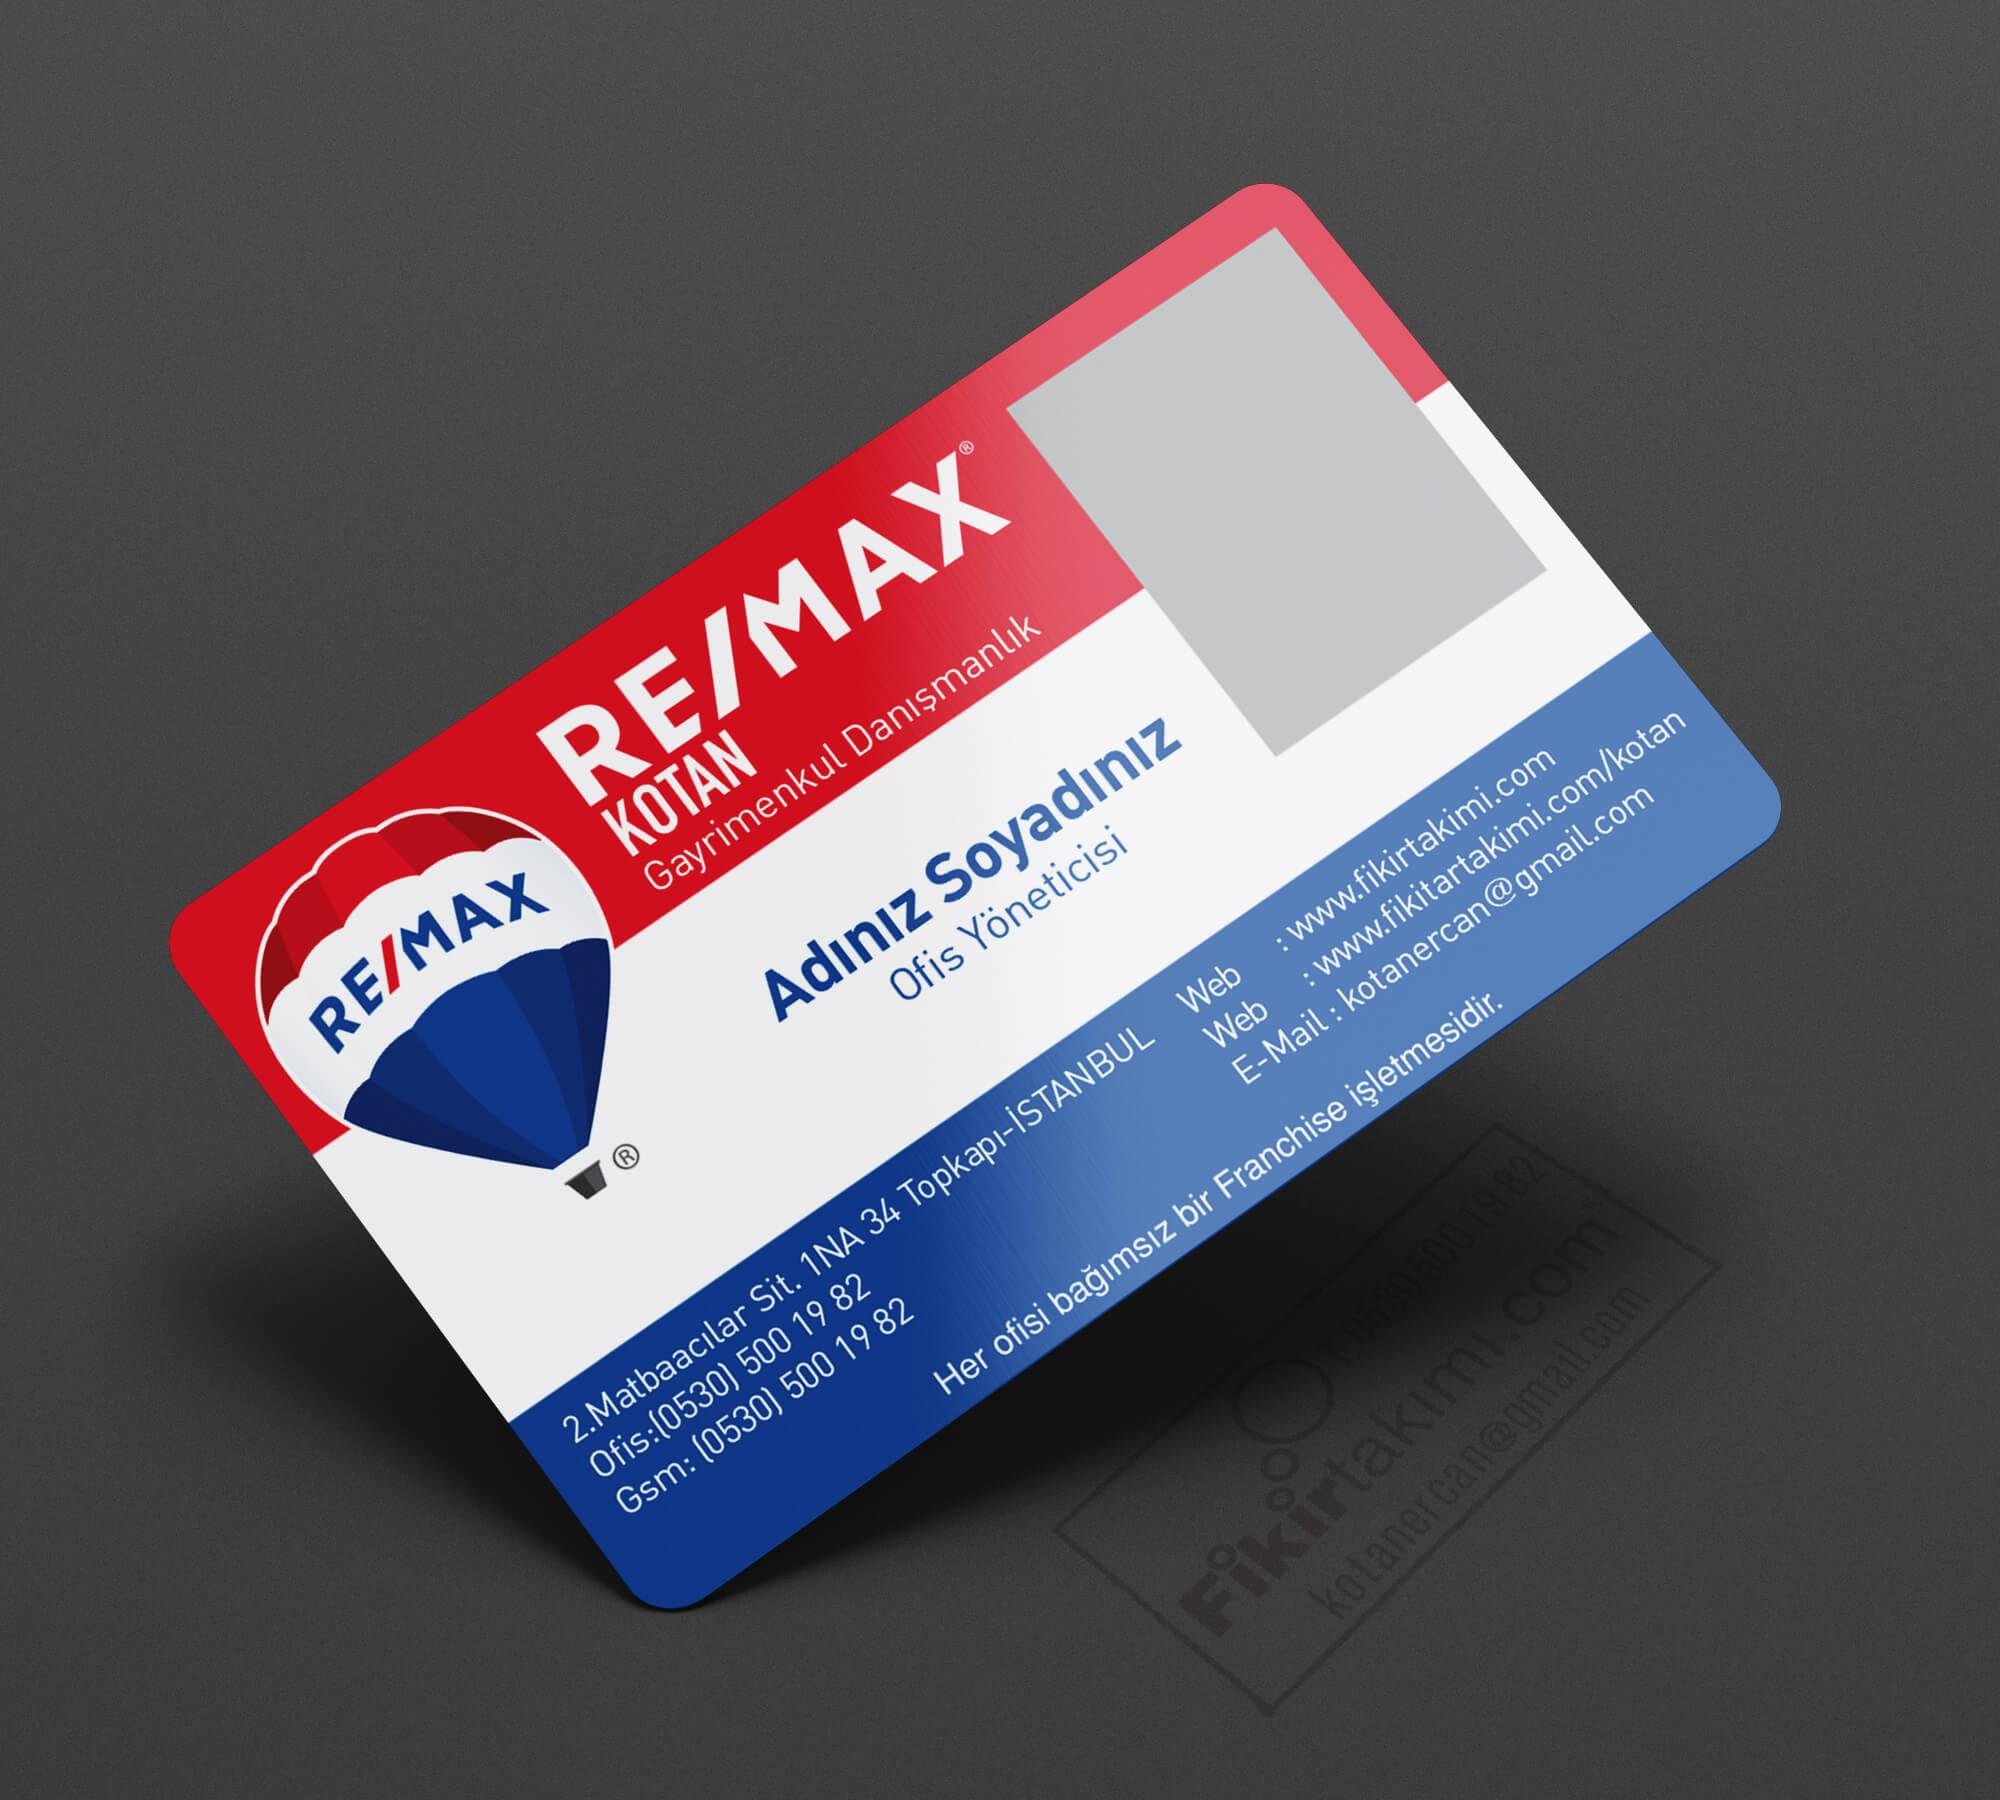 Remax Gayrimenkul Emlak Kartvizitleri